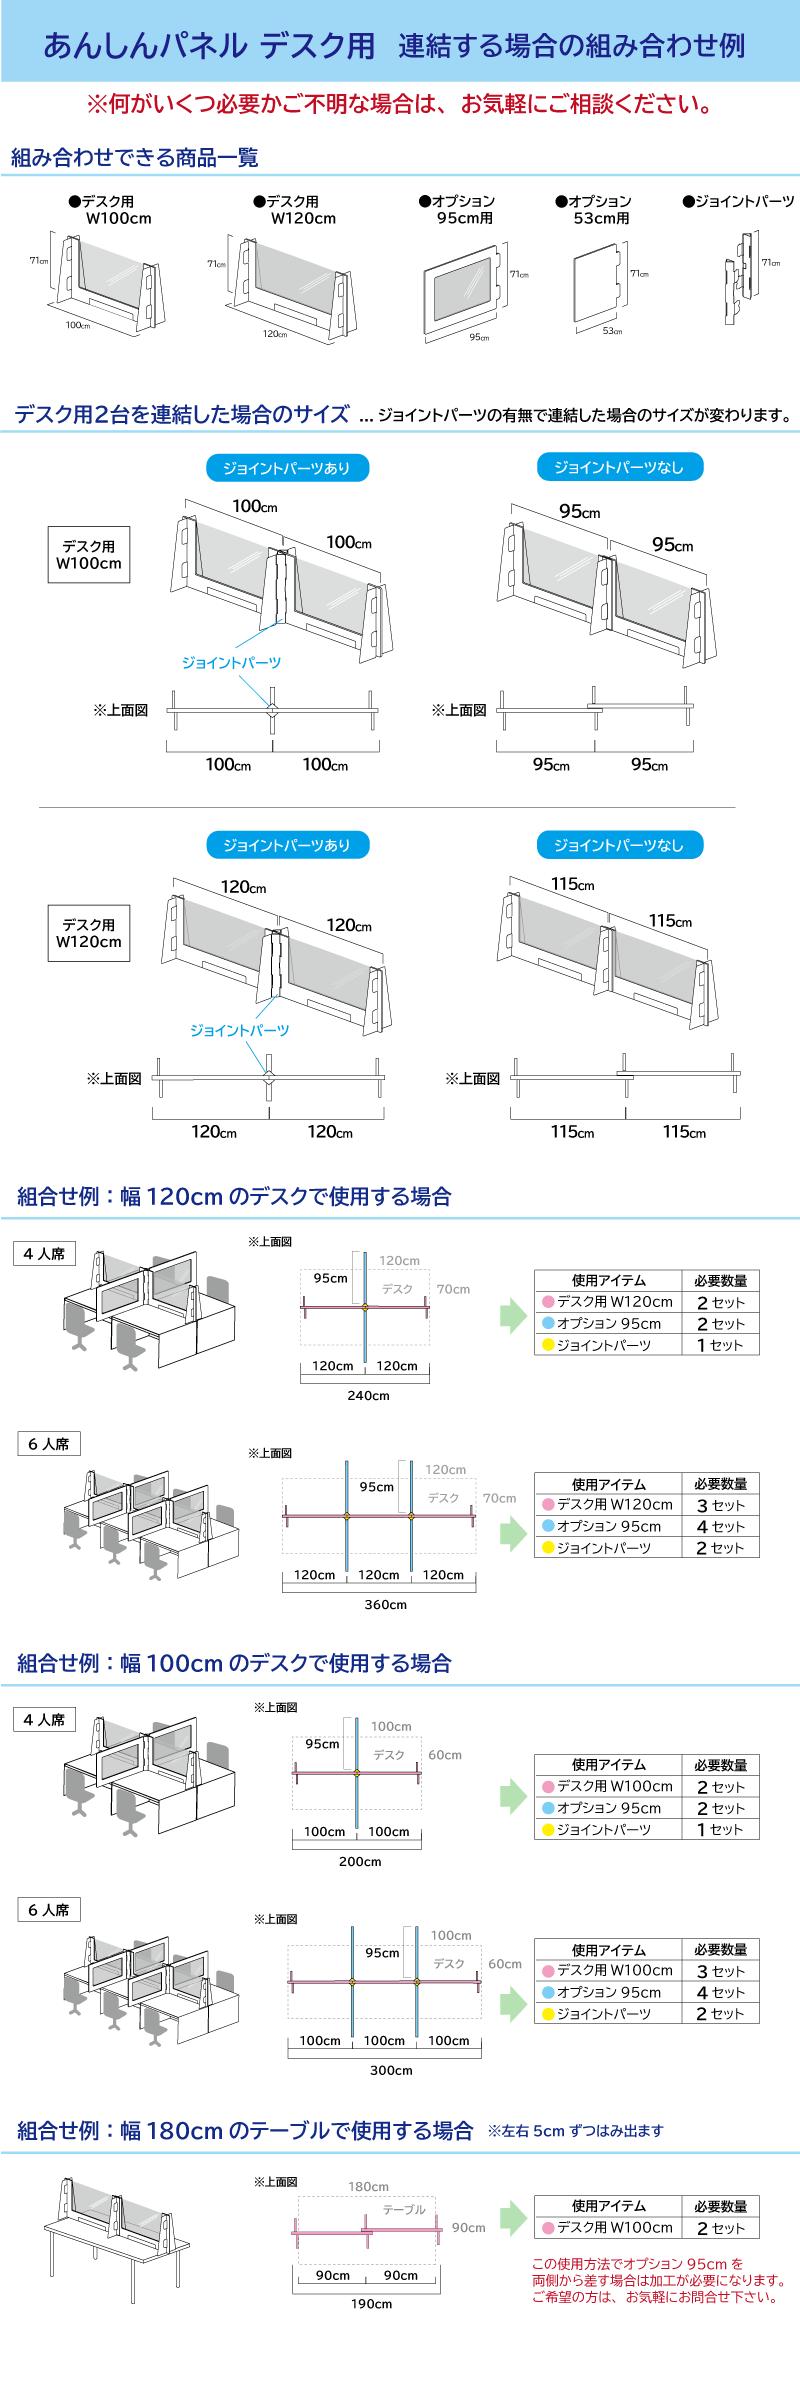 あんしんパネルデスク用連結する場合の組み合わせ例